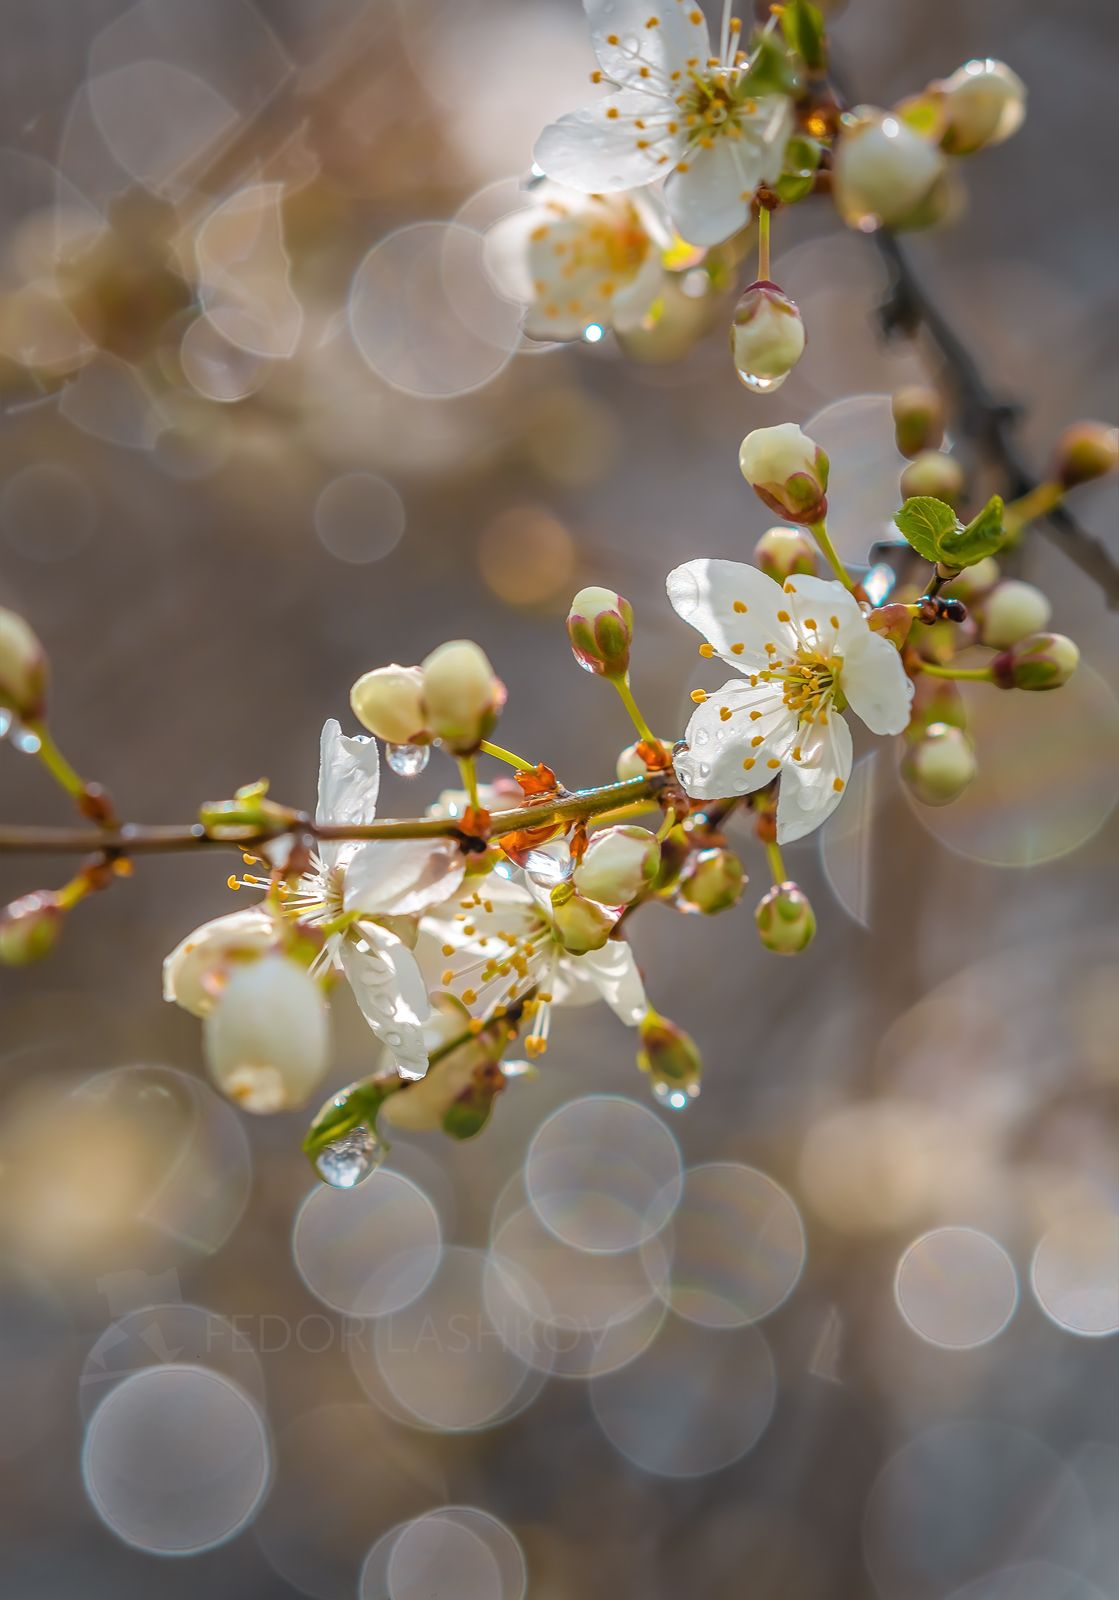 Разговор с солнцем Ставропольский край Ставрополье весна цветущее алыча цветки фруктовое после дождя капли макро солнце светлое чистое нужное дождь солнечно